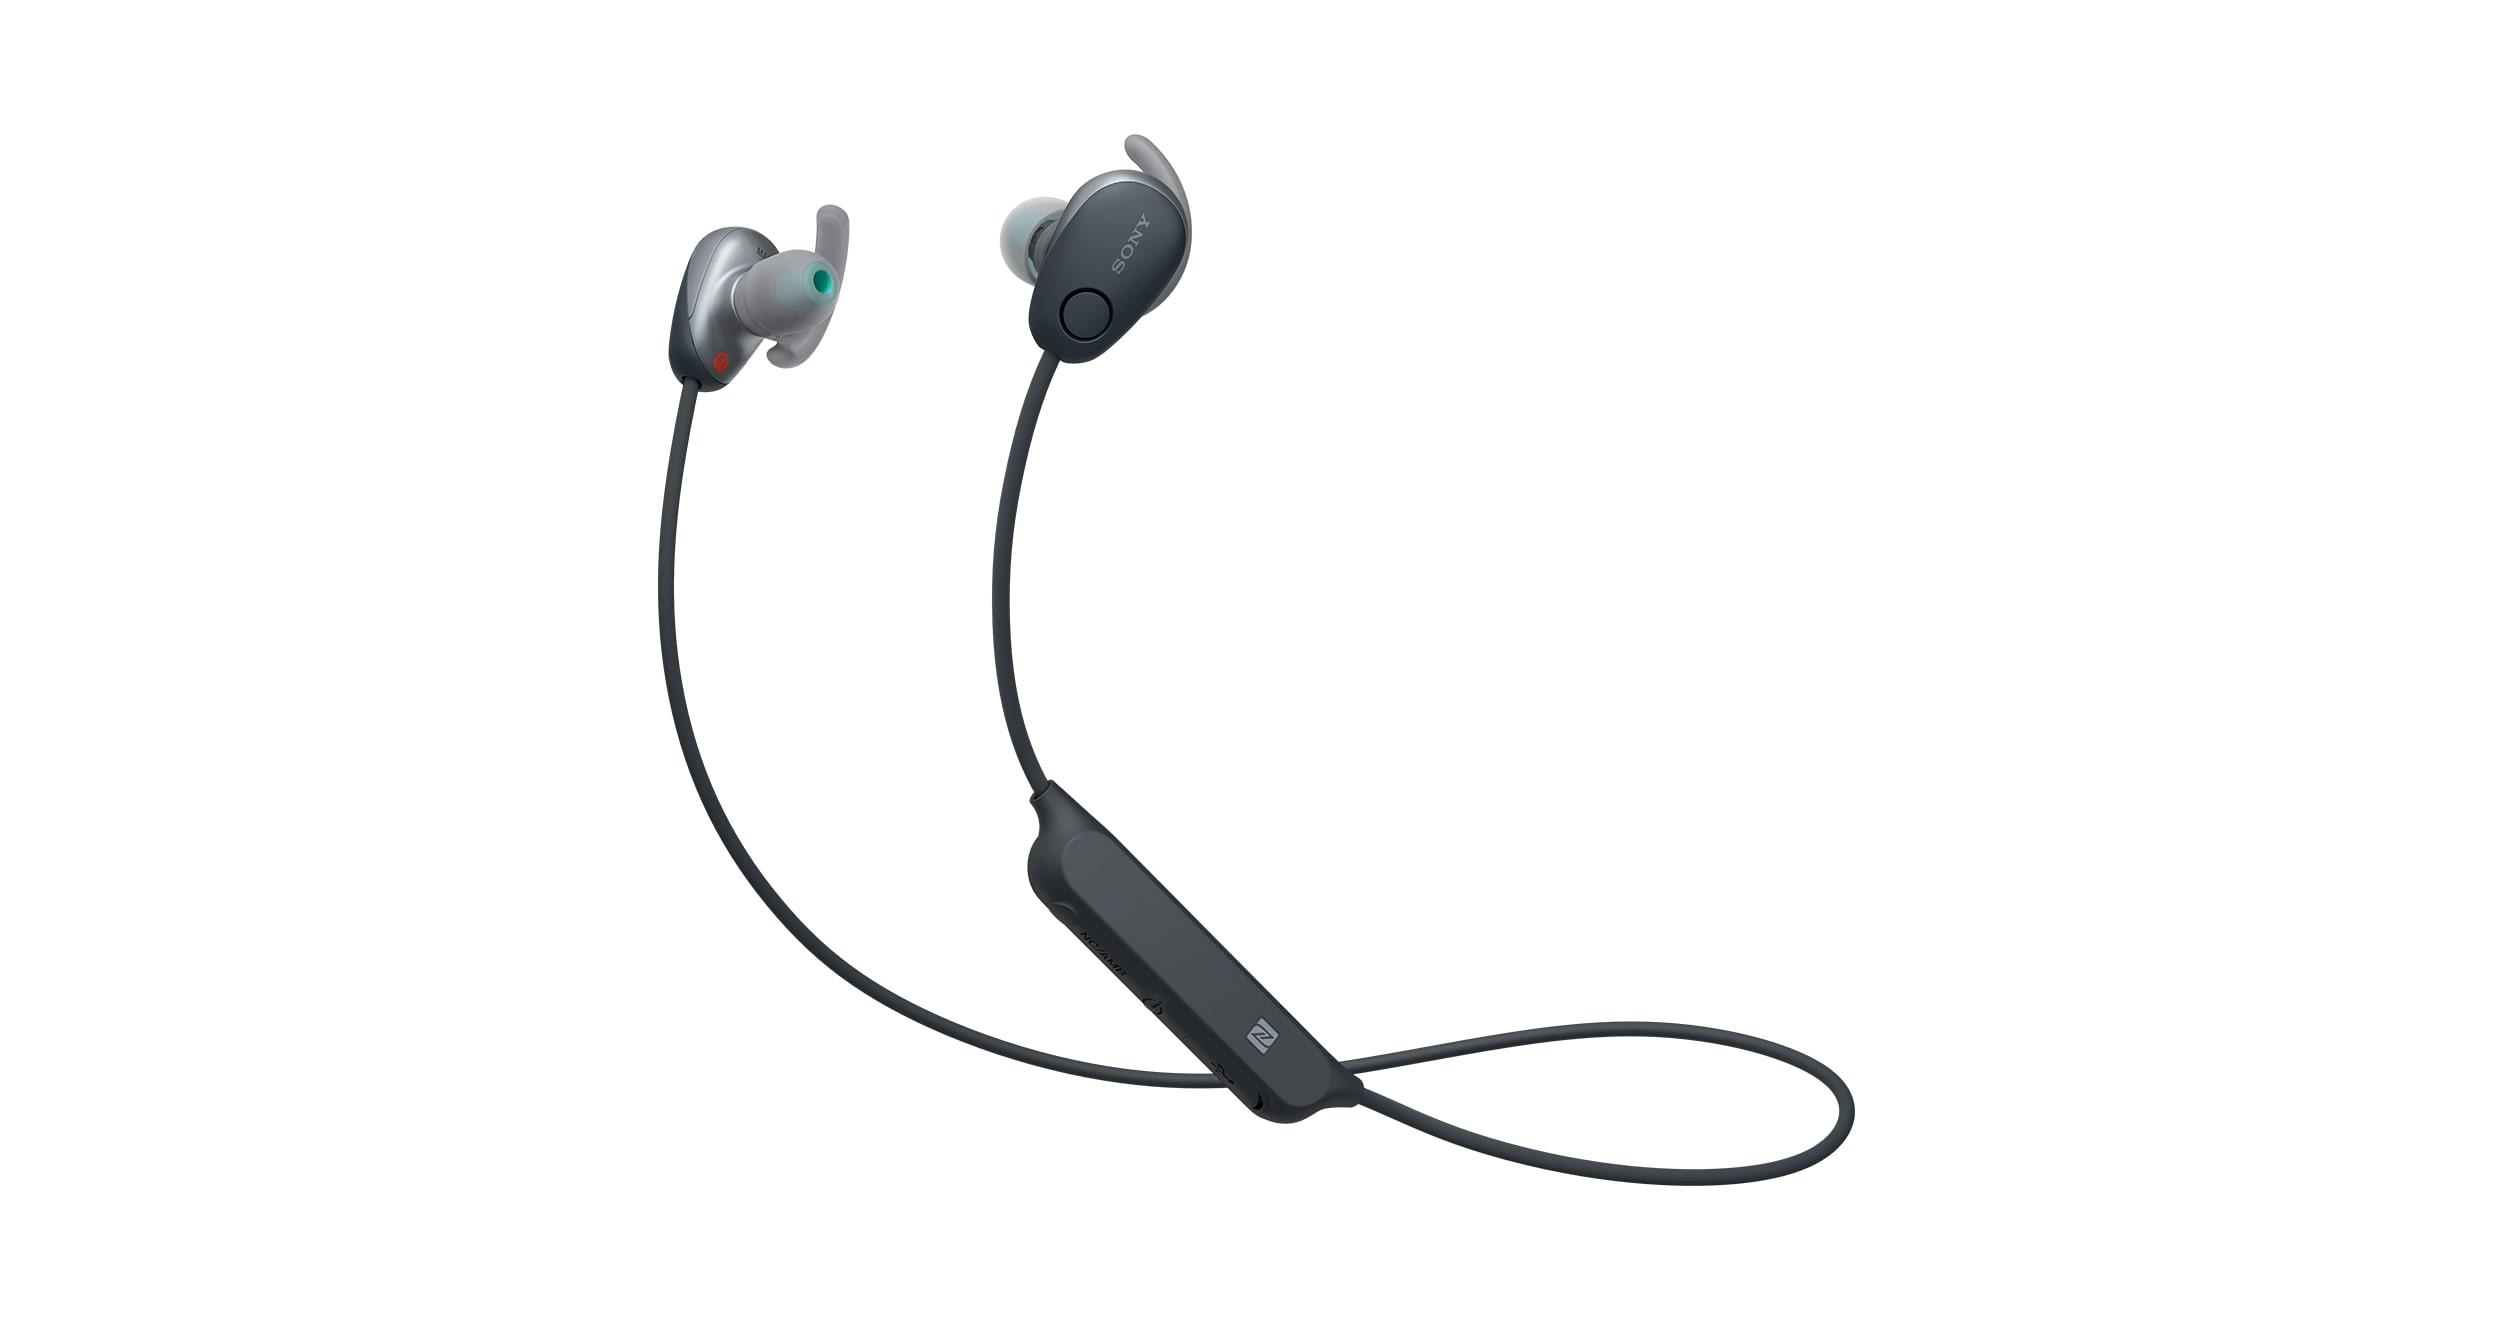 Sony WI-SP600N Sports Wireless Noise Canceling In-ear Headphones